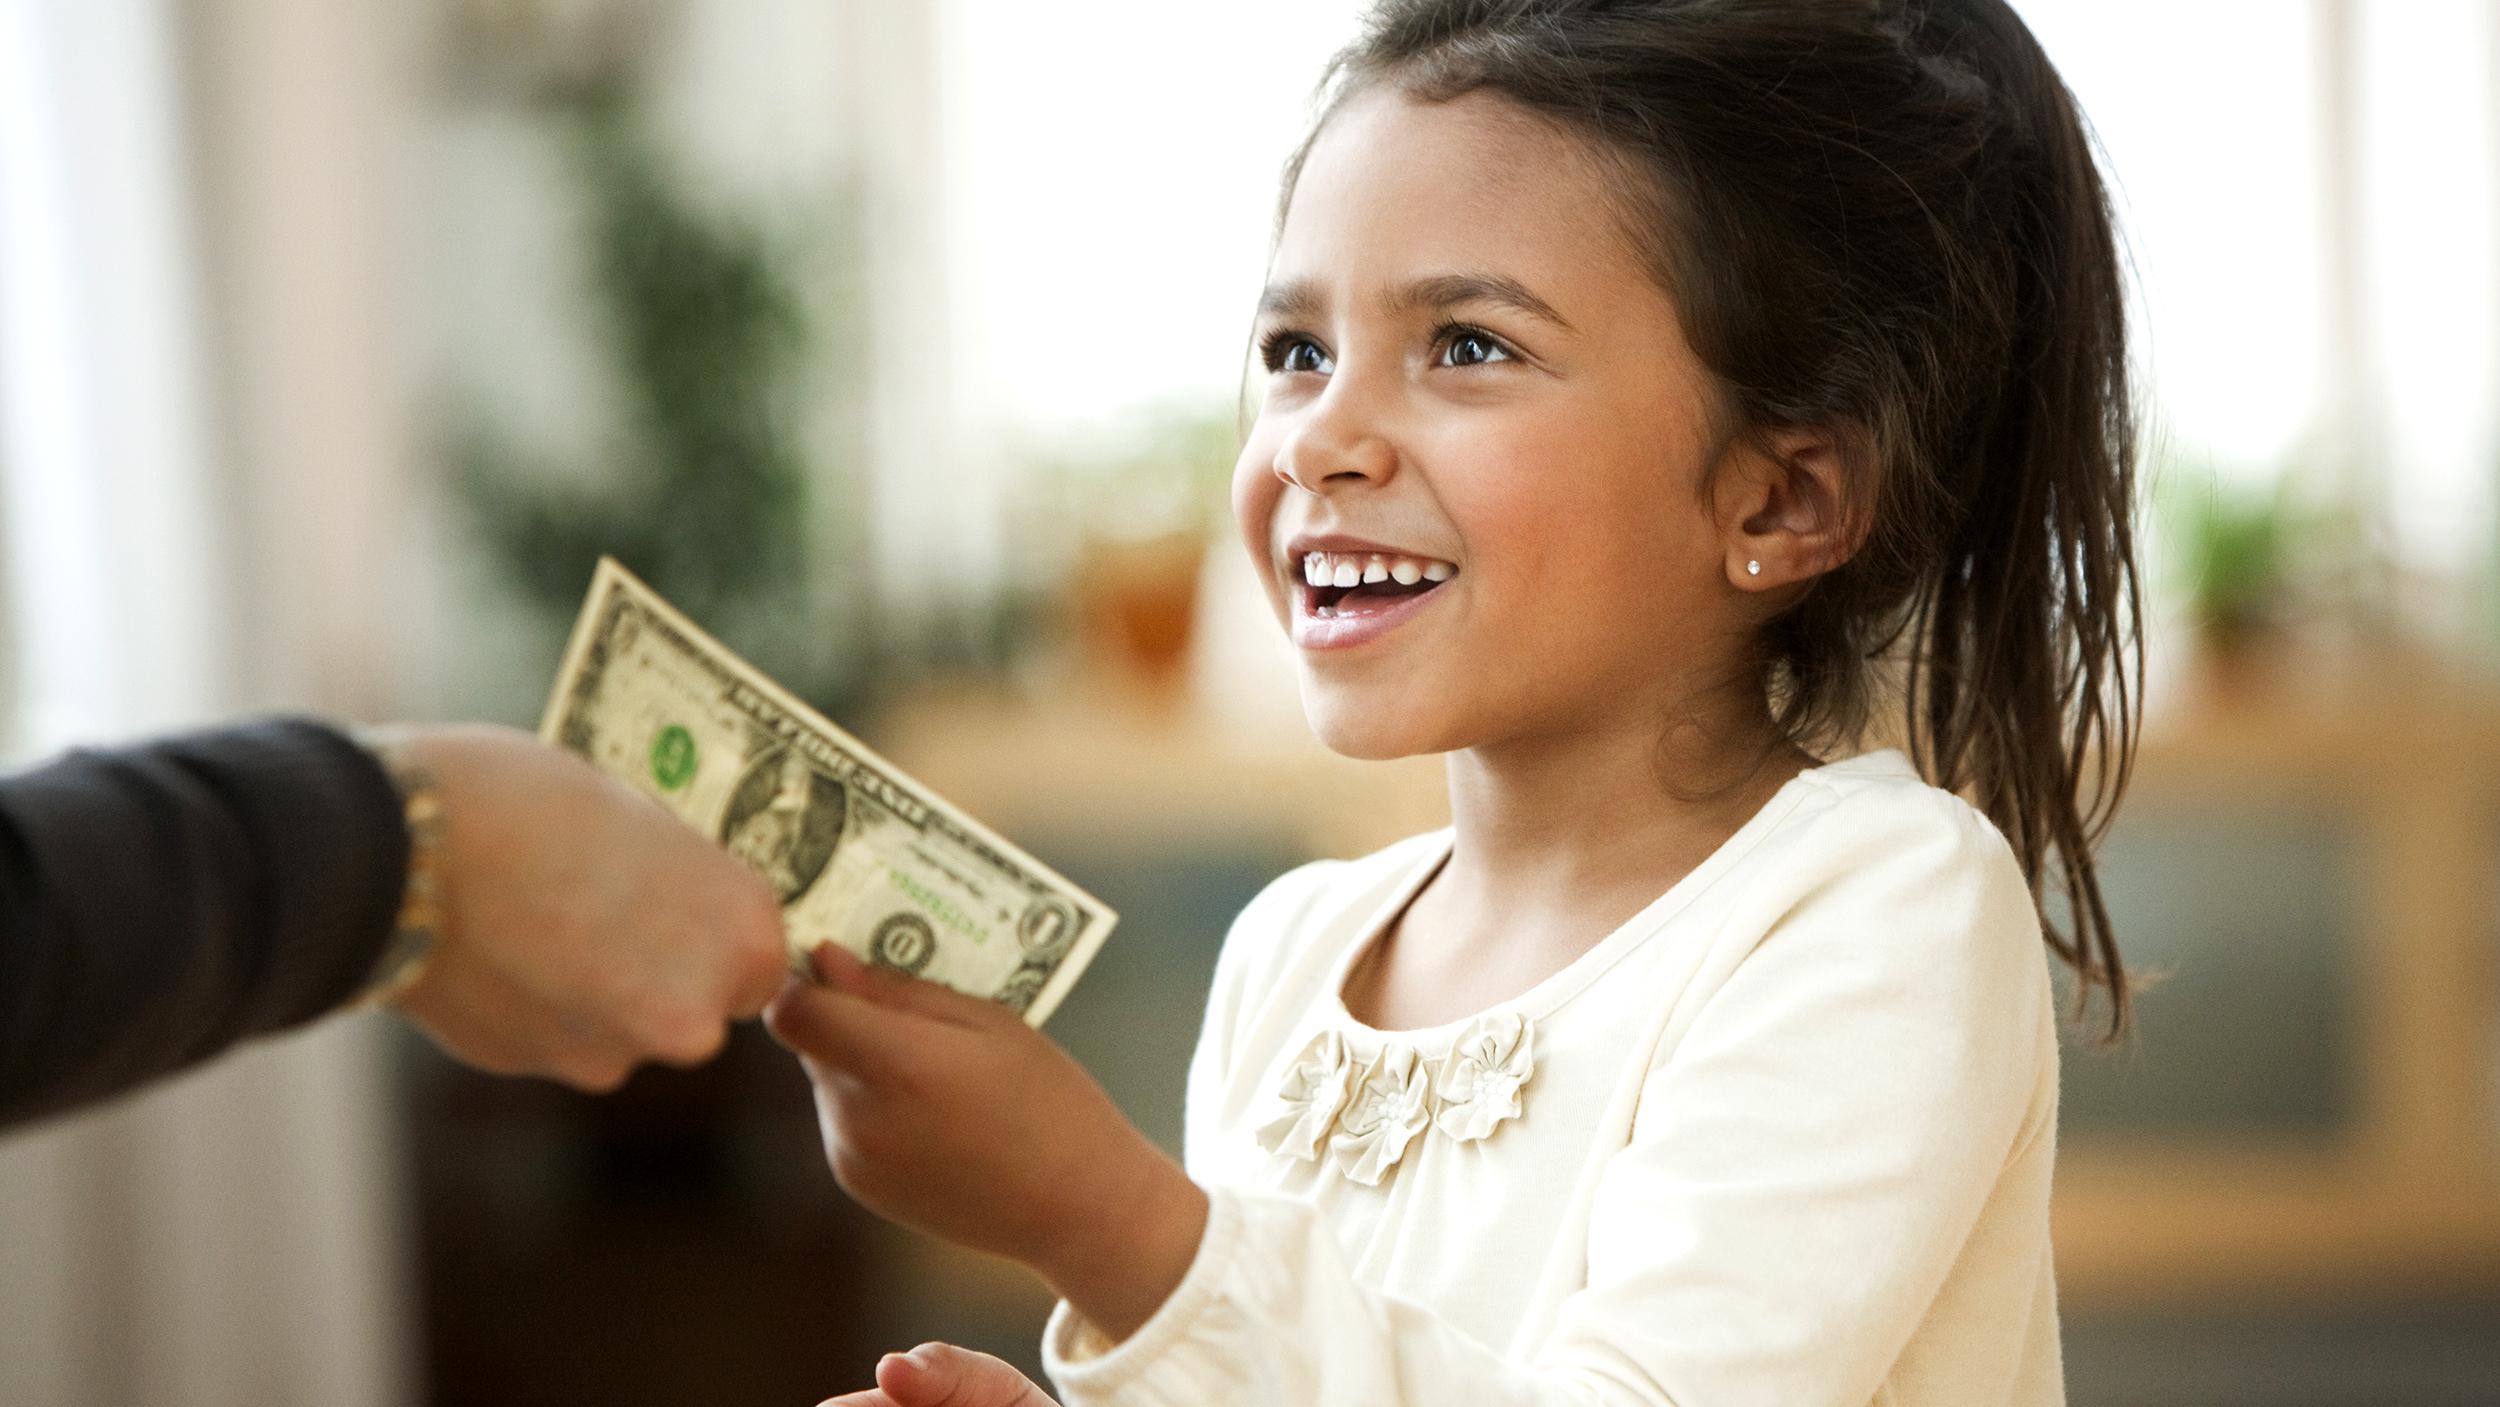 Parent handing girl one dollar bill